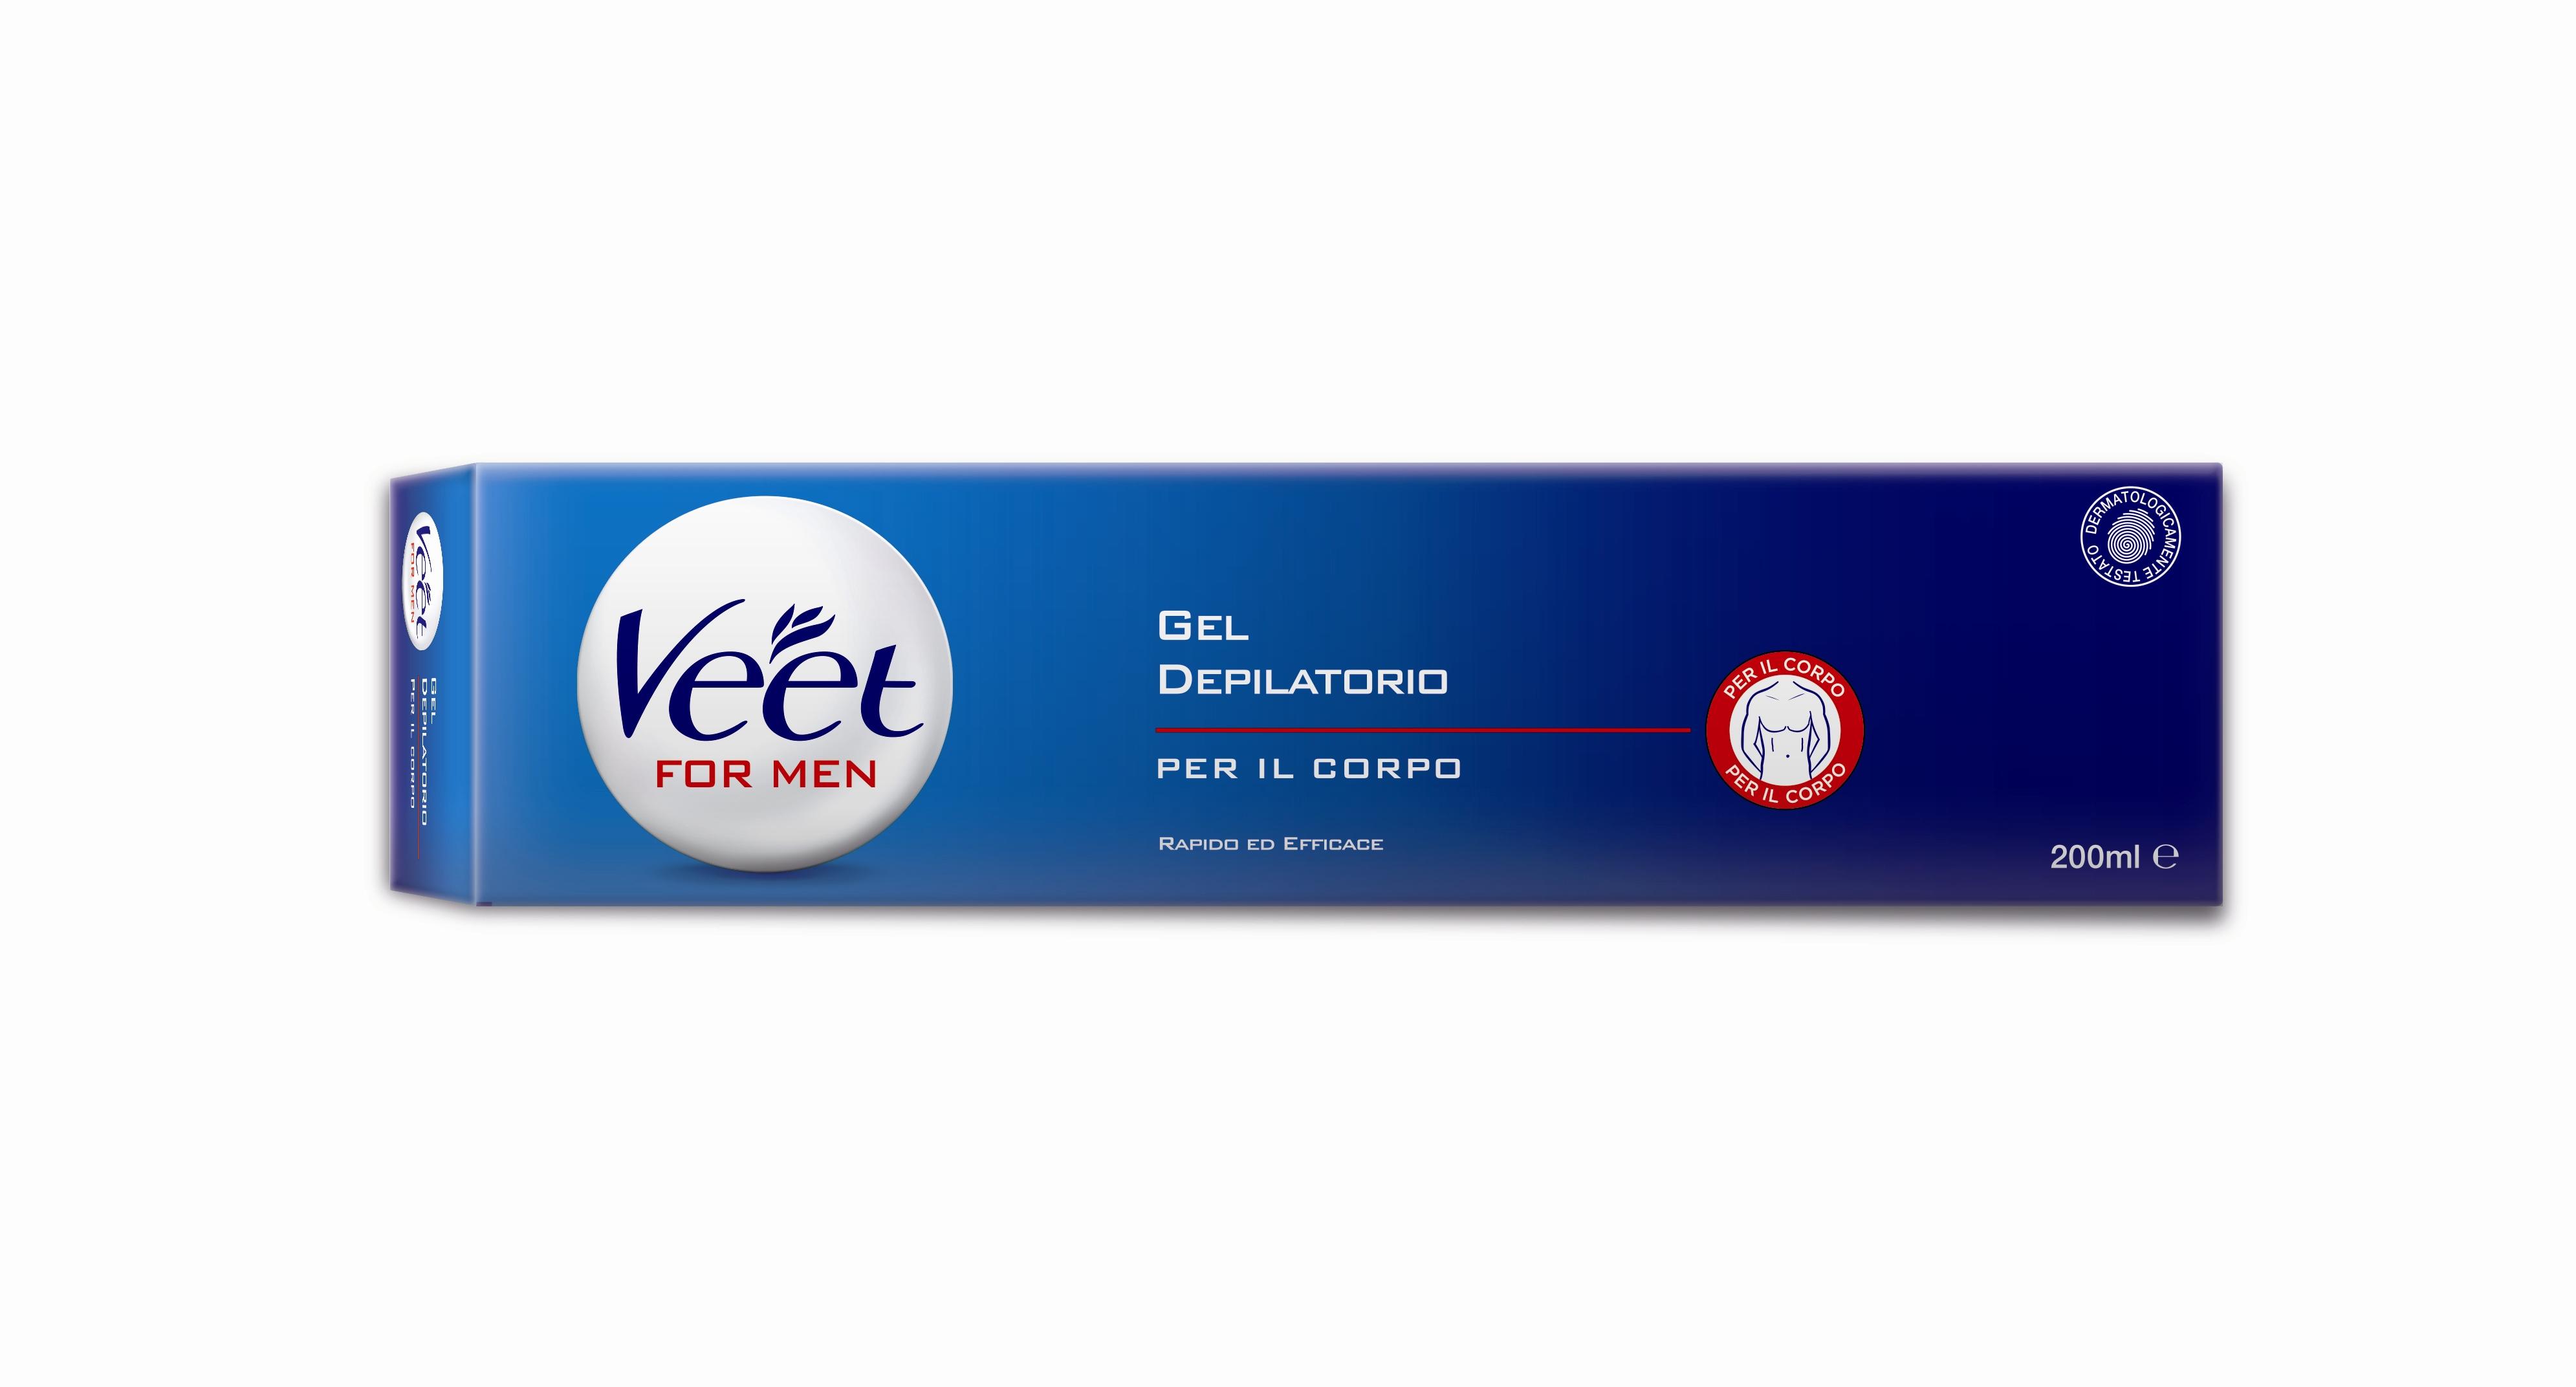 Gel depilatorio for men Veet